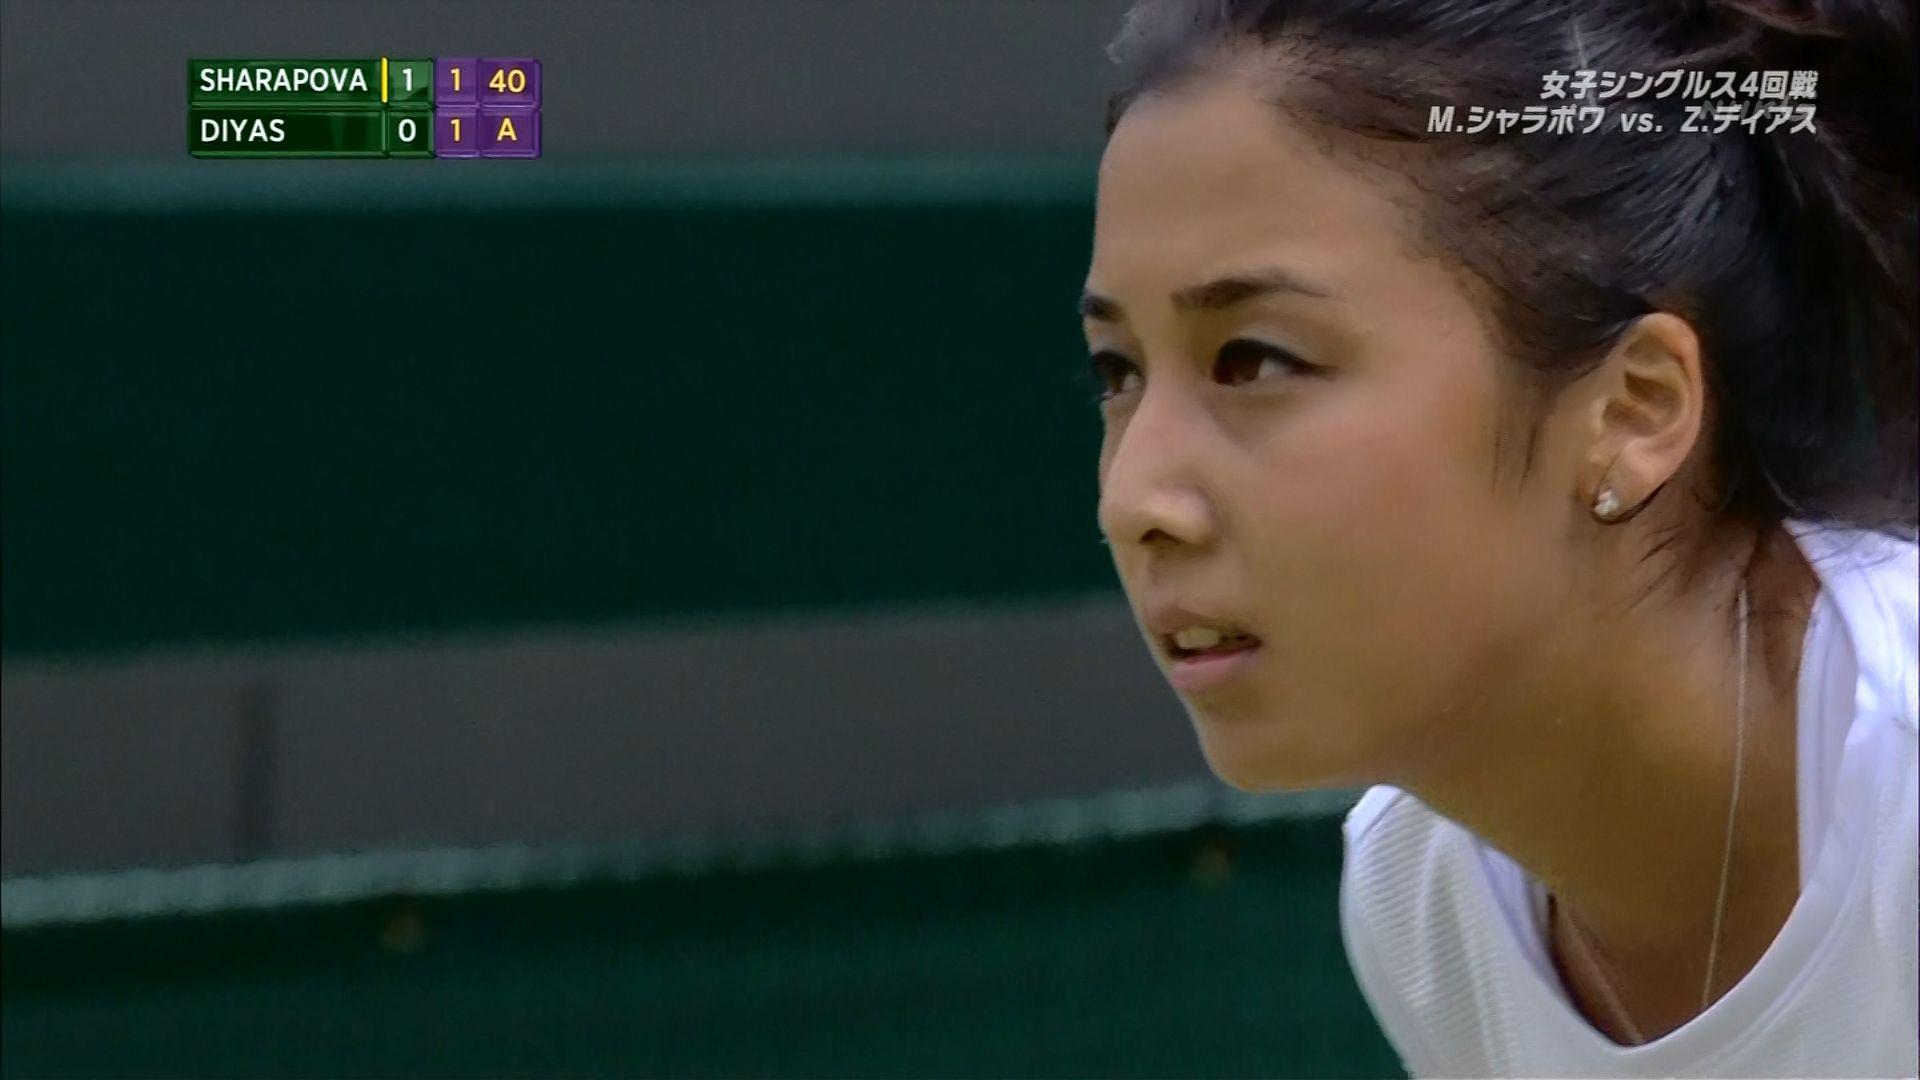 真っ白なテニスウェアを着たザリナ・ディアス